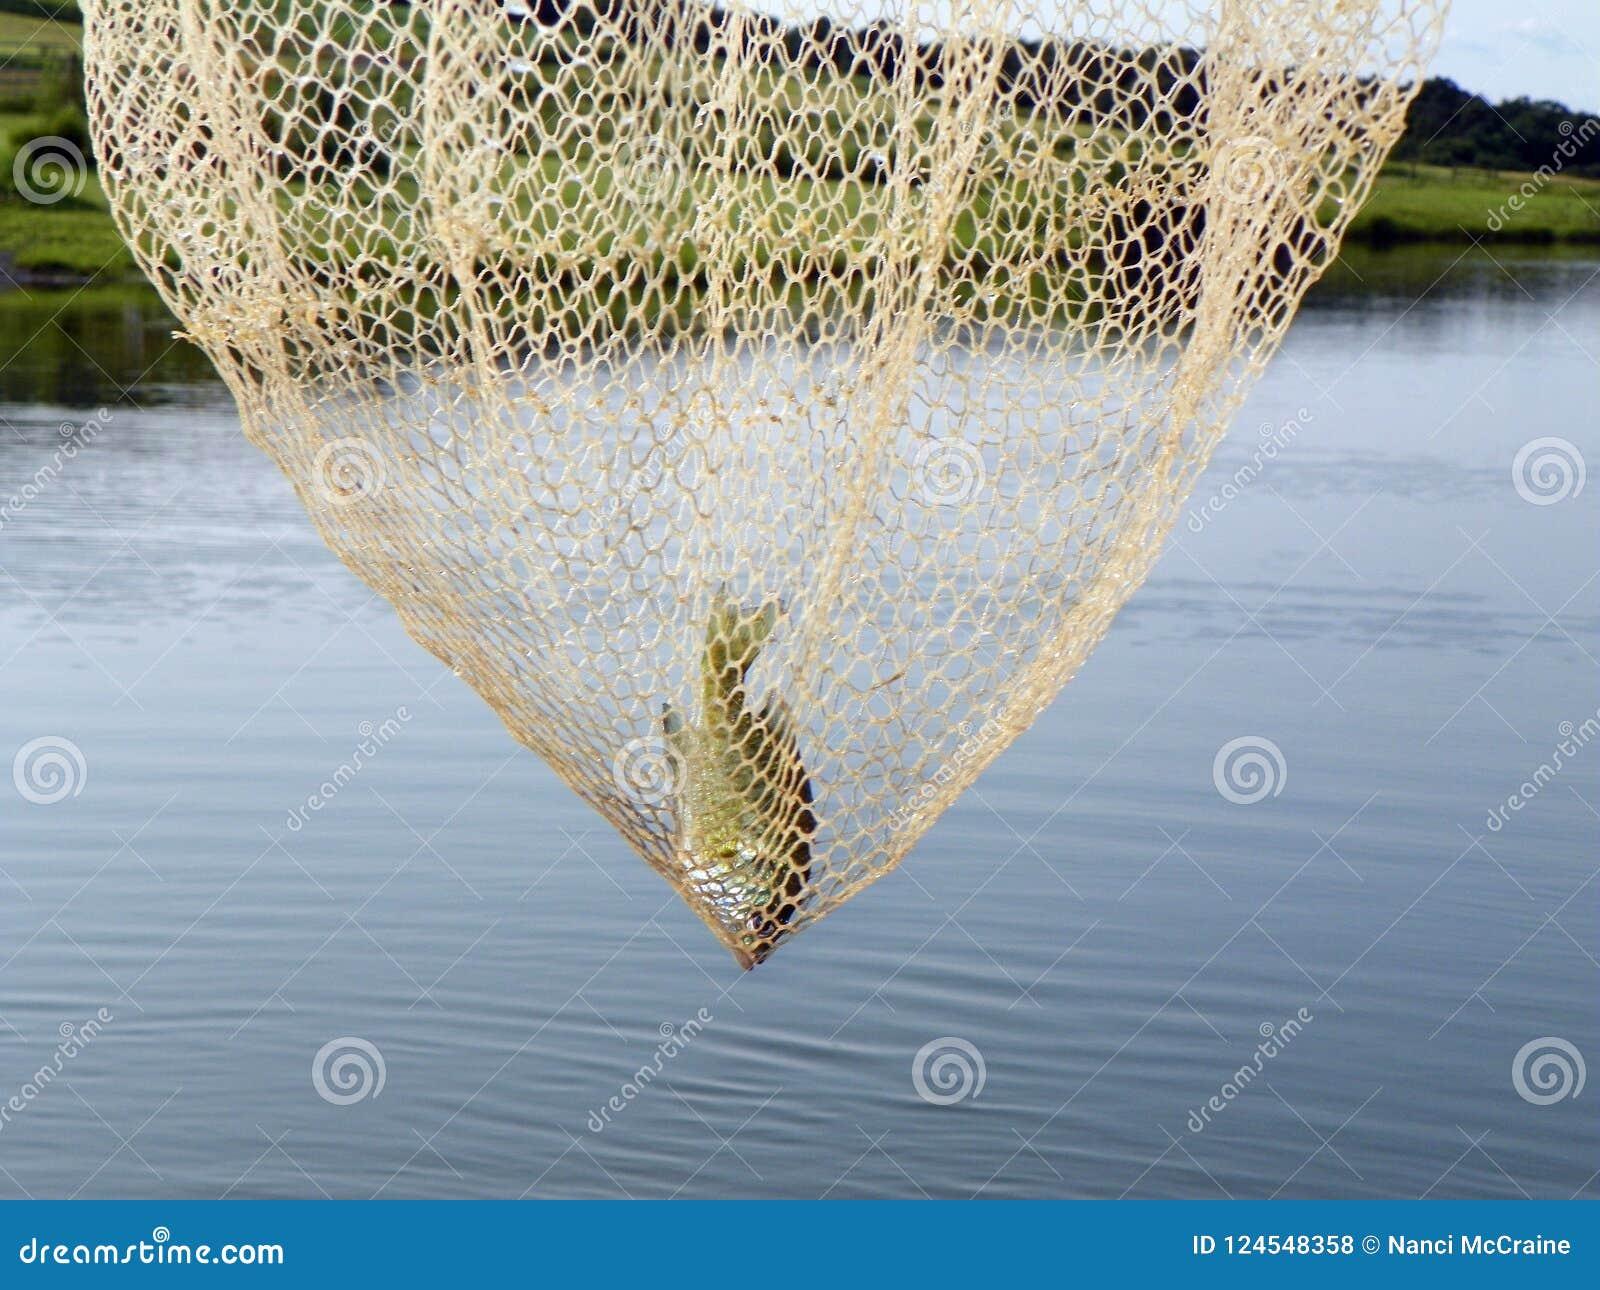 Призовая удя задвижка в большой сети прудом